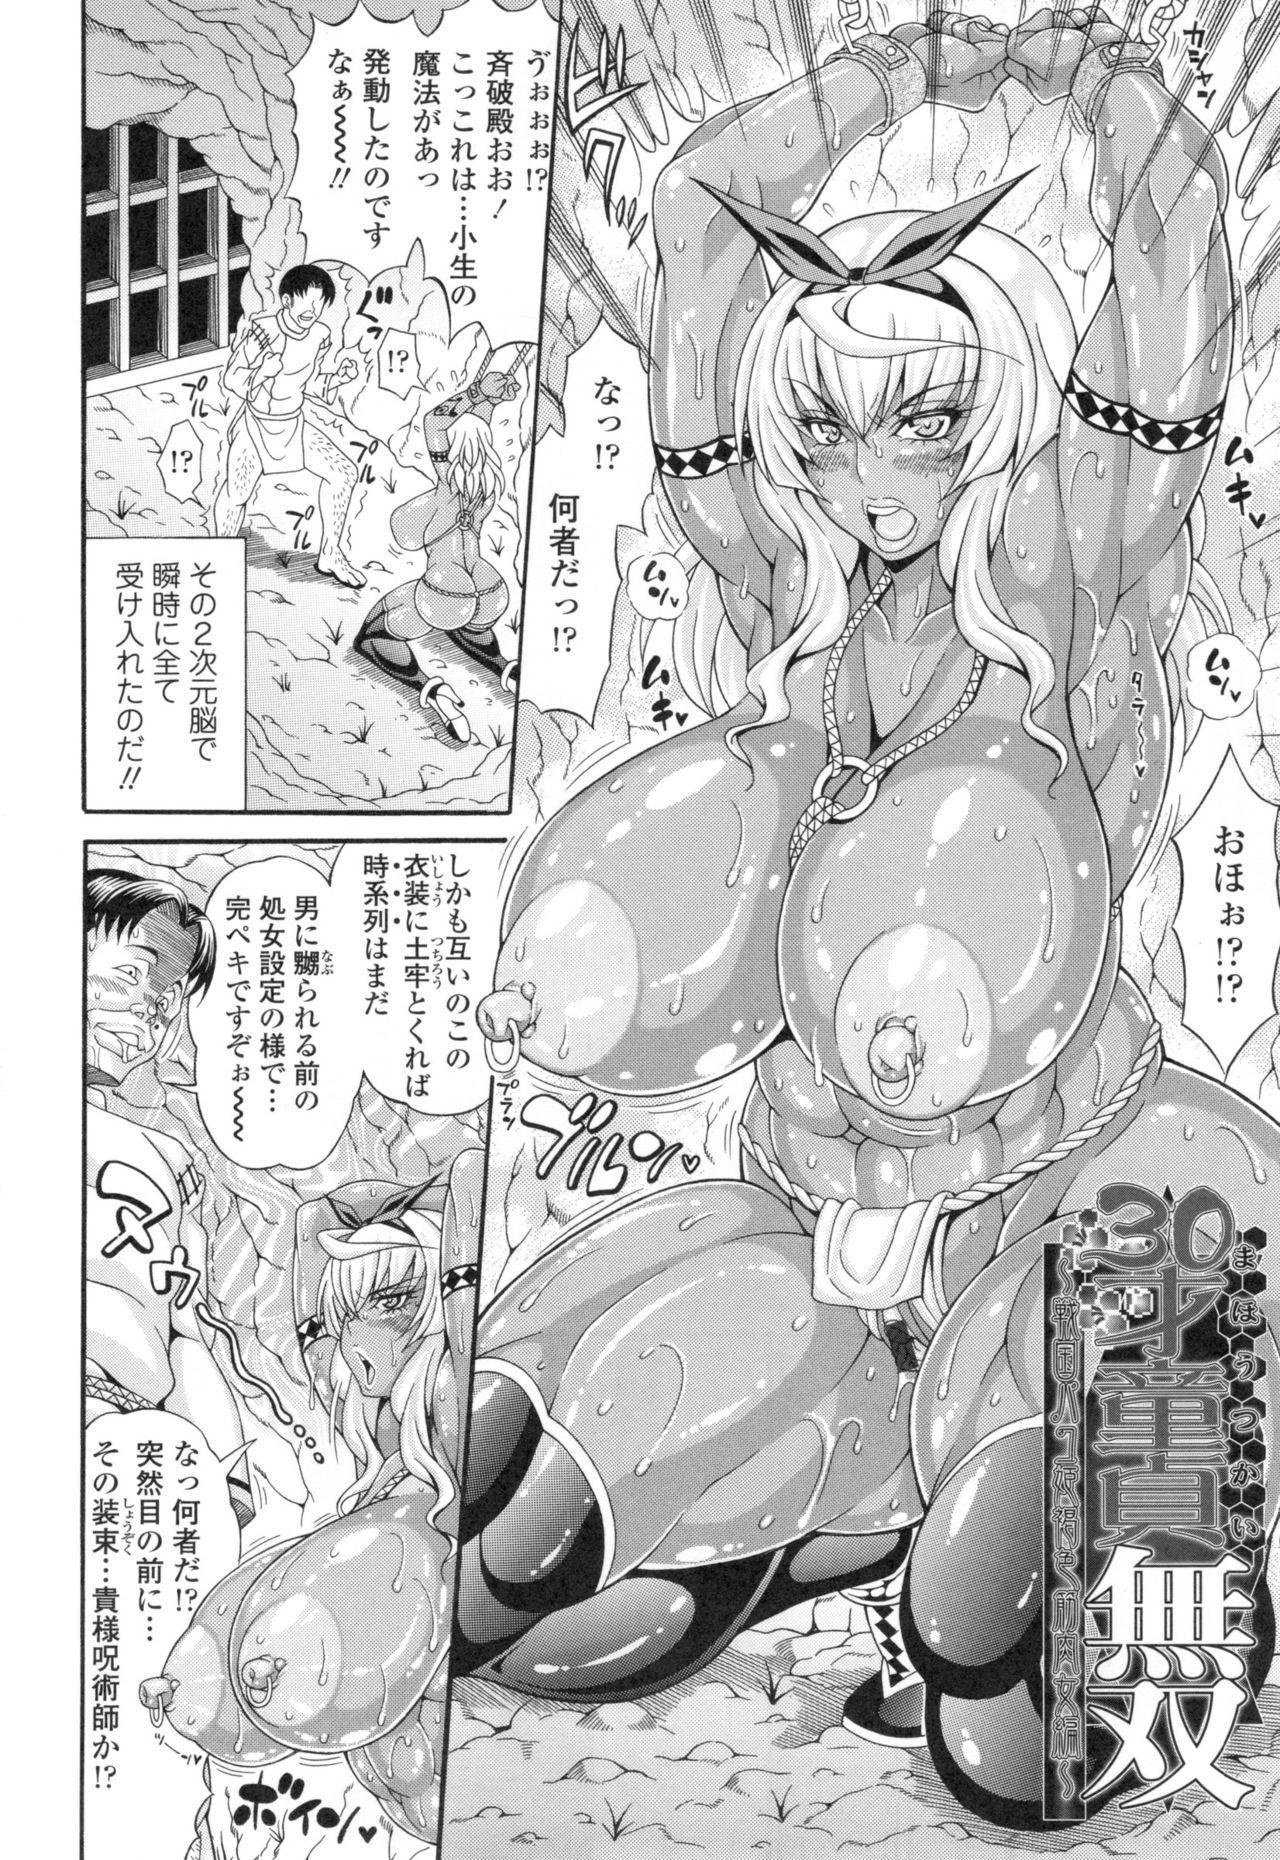 [Andou Hiroyuki] Pakopako Bitch ~Megamori! Mashimashi! Dosukebe Niku~ + Toranoana Leaflet 158